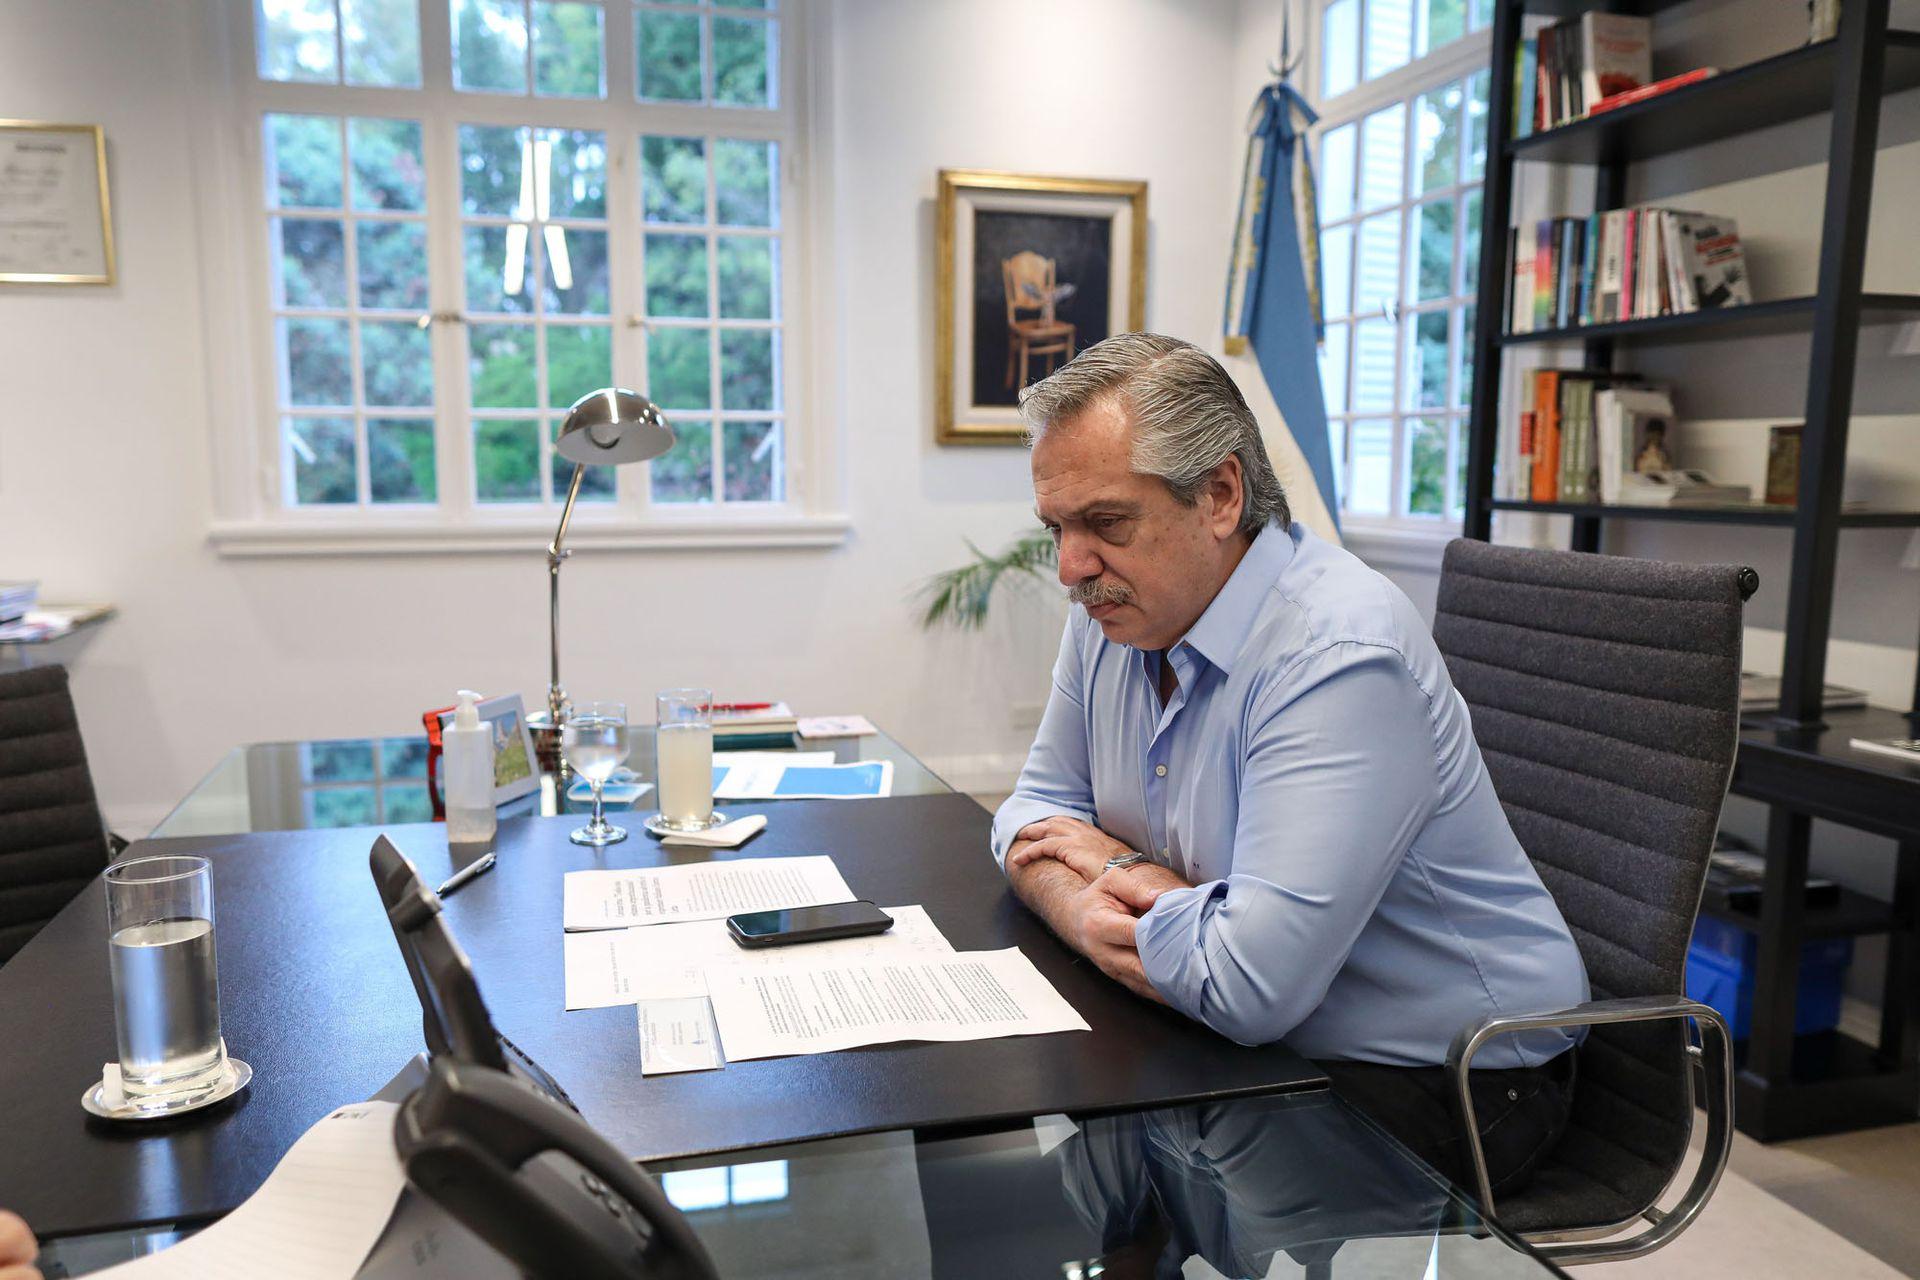 El Presidente recibe el servicio de internet de Arsat en su residencia